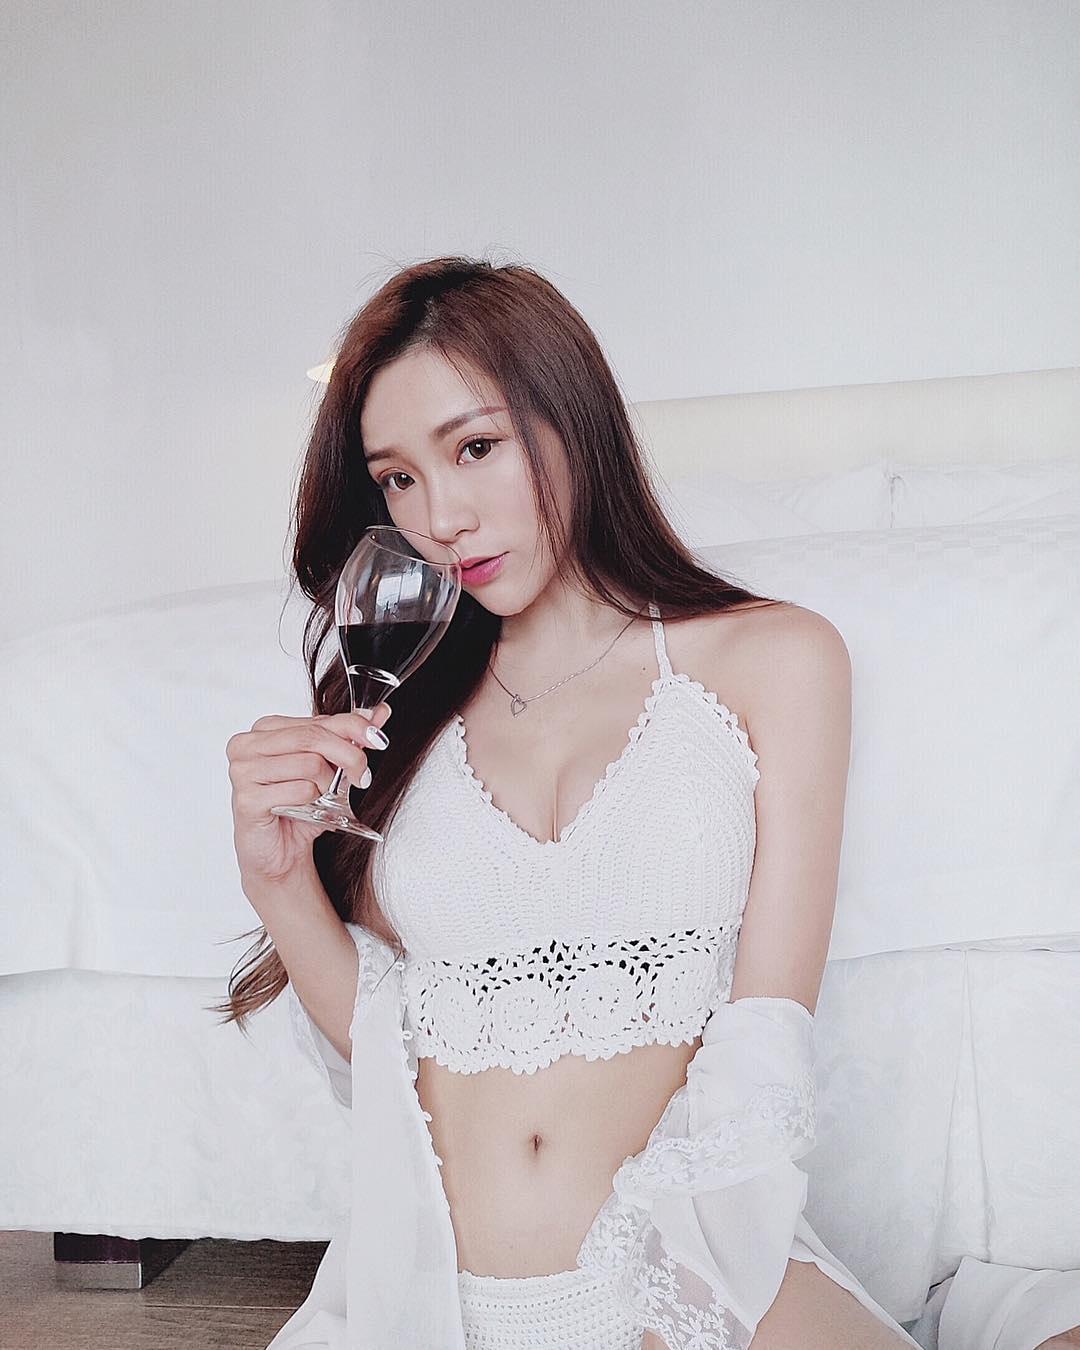 apeiy0716 sexiest